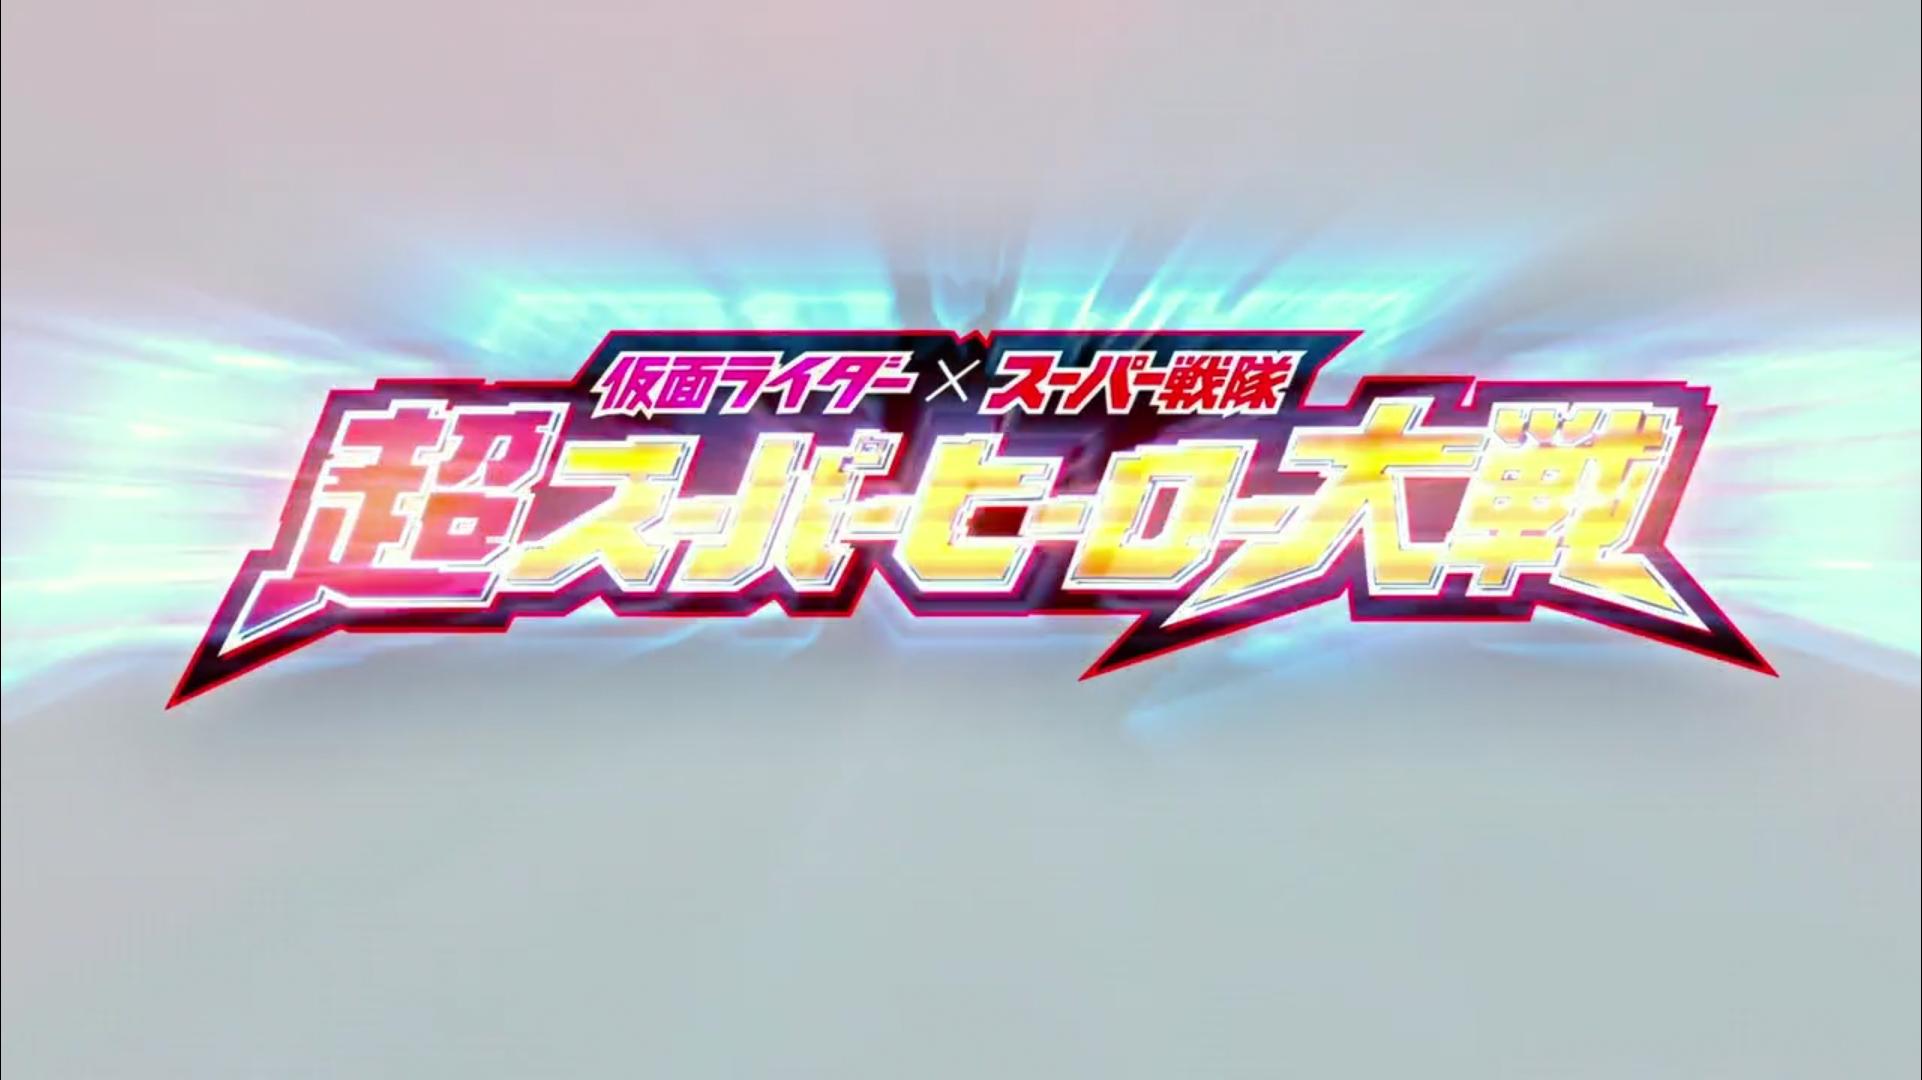 假面骑士Ex-Aid&宇宙战队07 超级英雄大战游戏开始了!